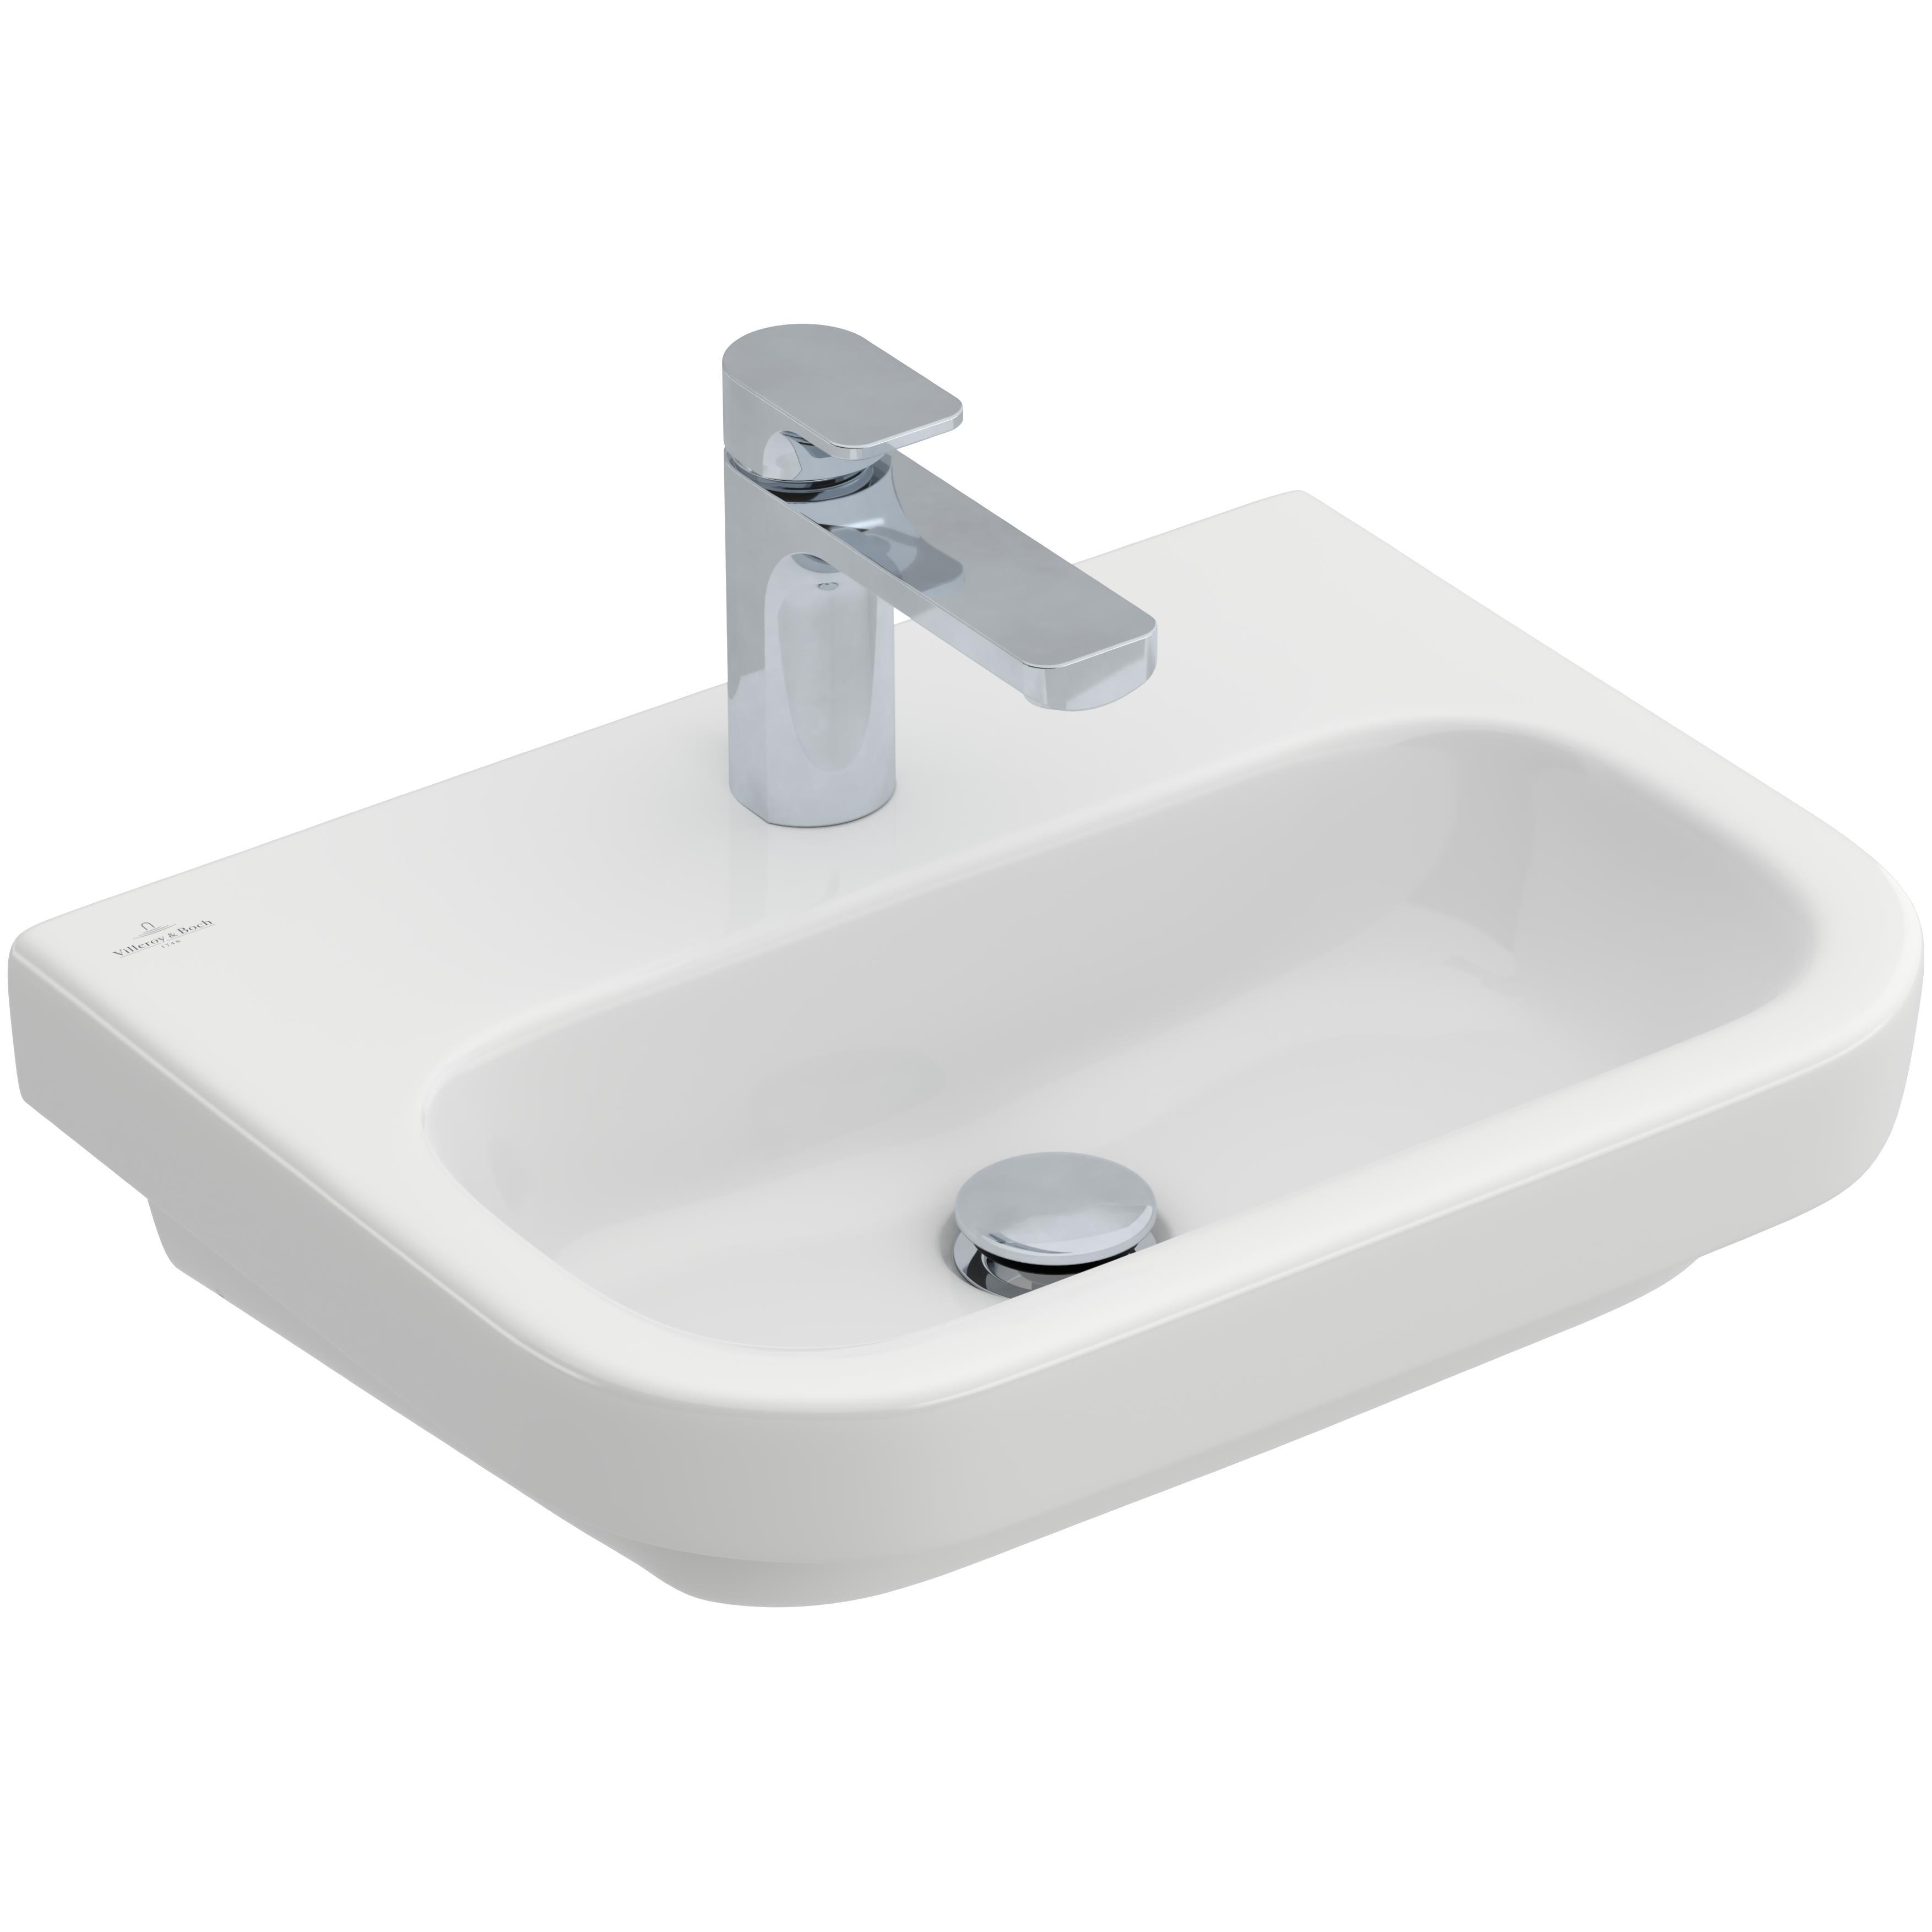 Tvättställ Villeroy & Boch Architectura Kompakt